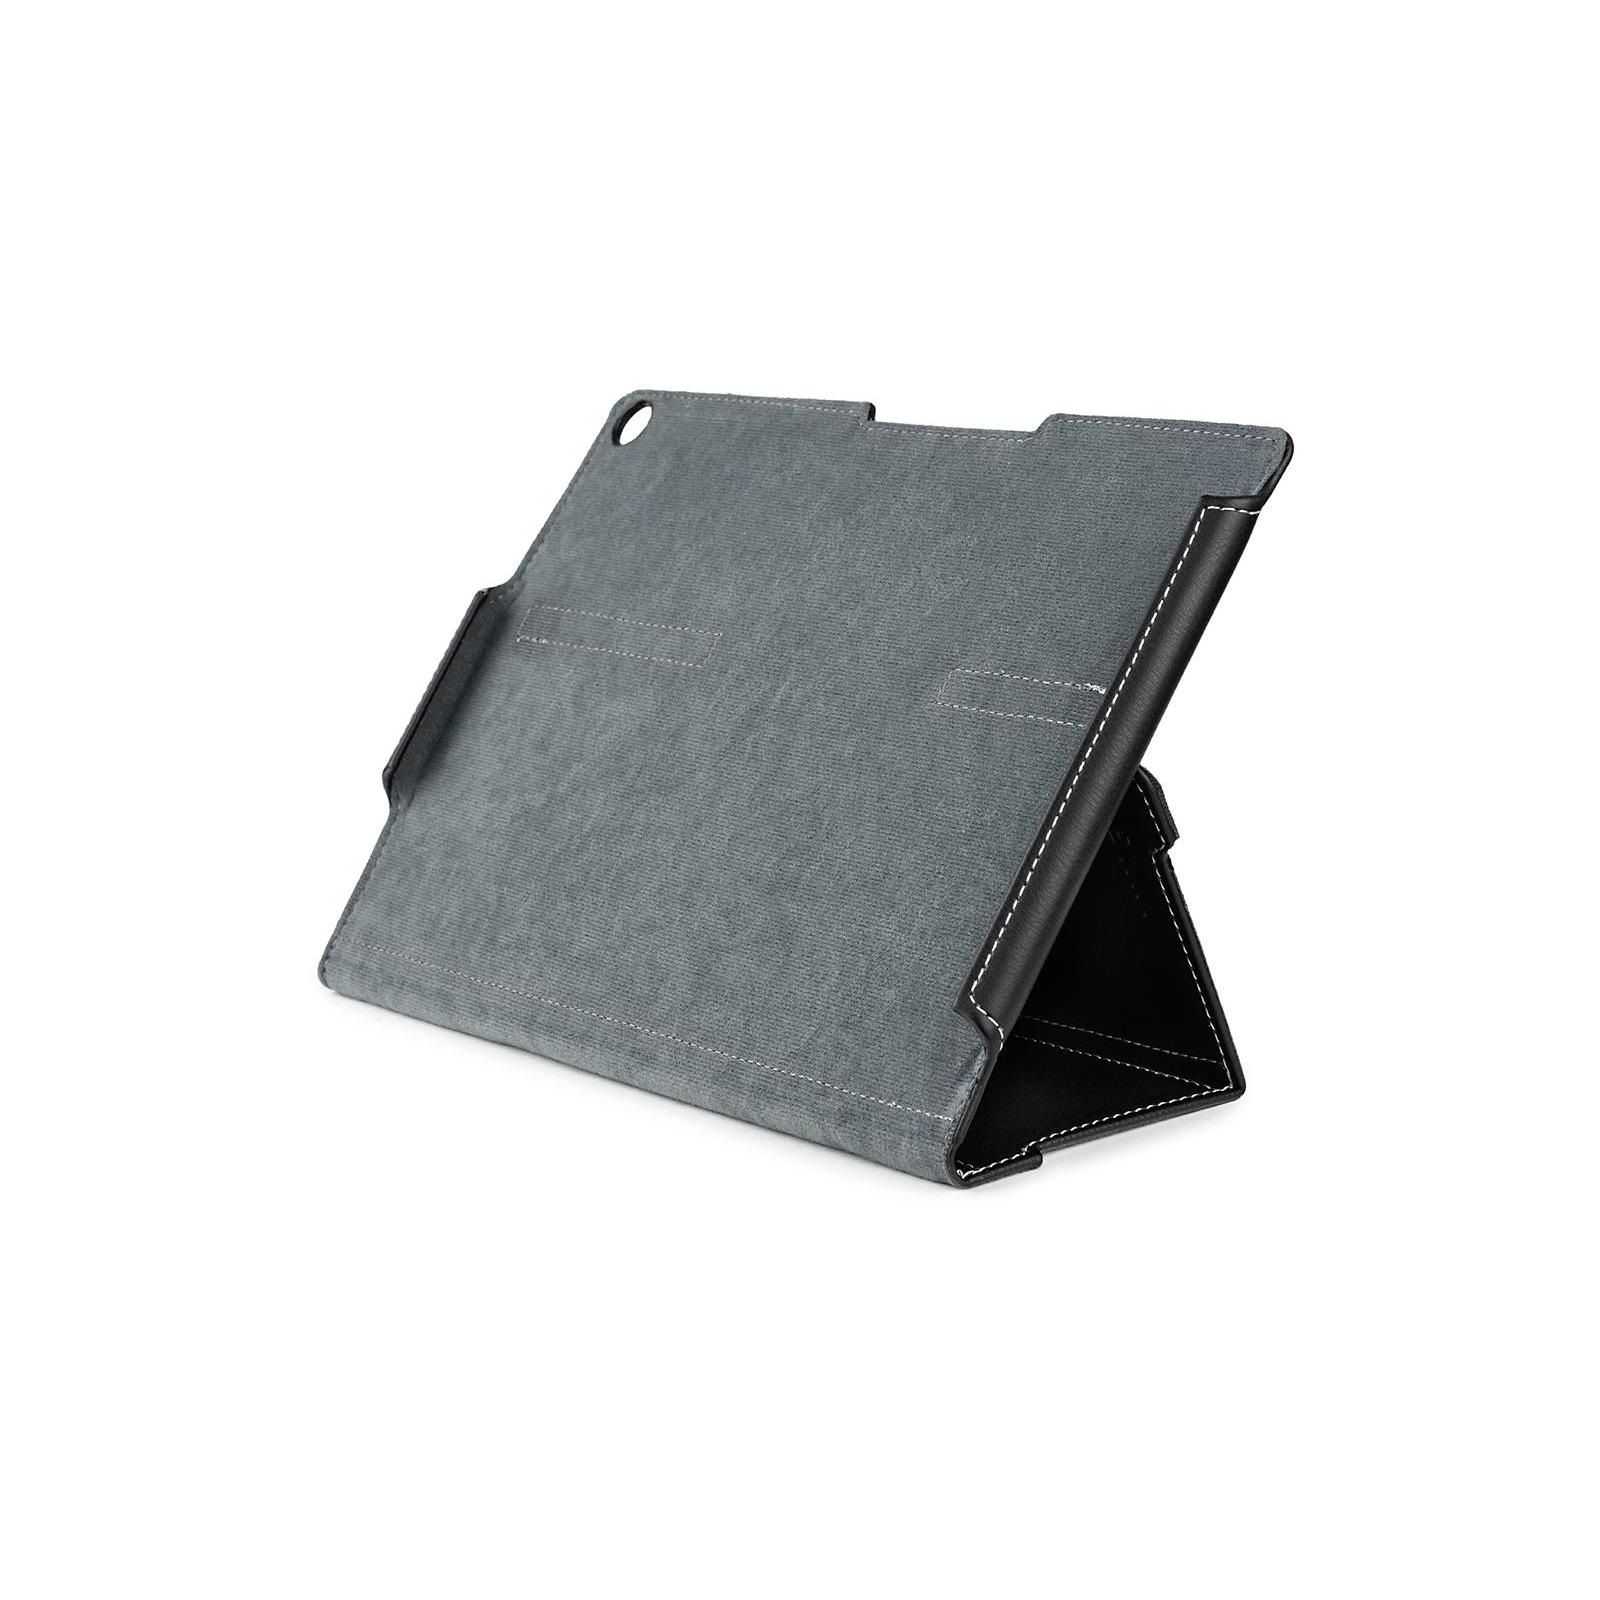 Чехол для планшета ASUS ZenPad 10 Z301 black Vinga (VNZP301MFL) изображение 4